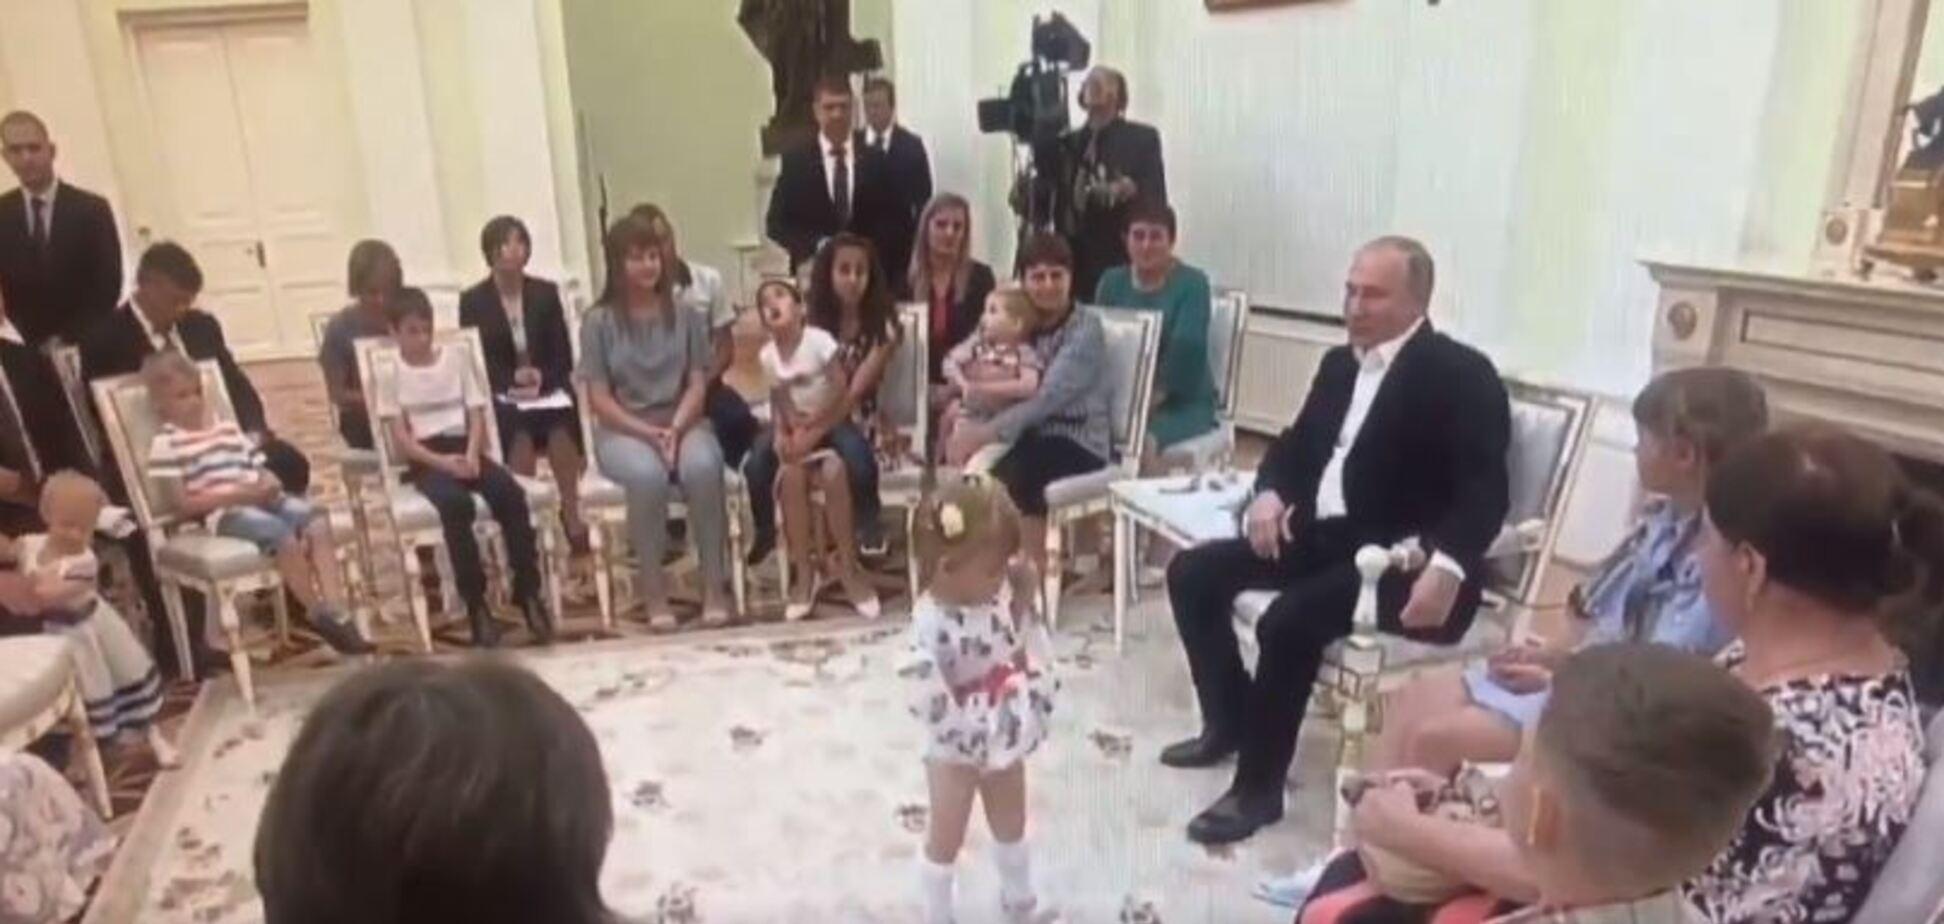 'Педофилия какая-то': с Путиным случился конфуз в Кремле. Видео